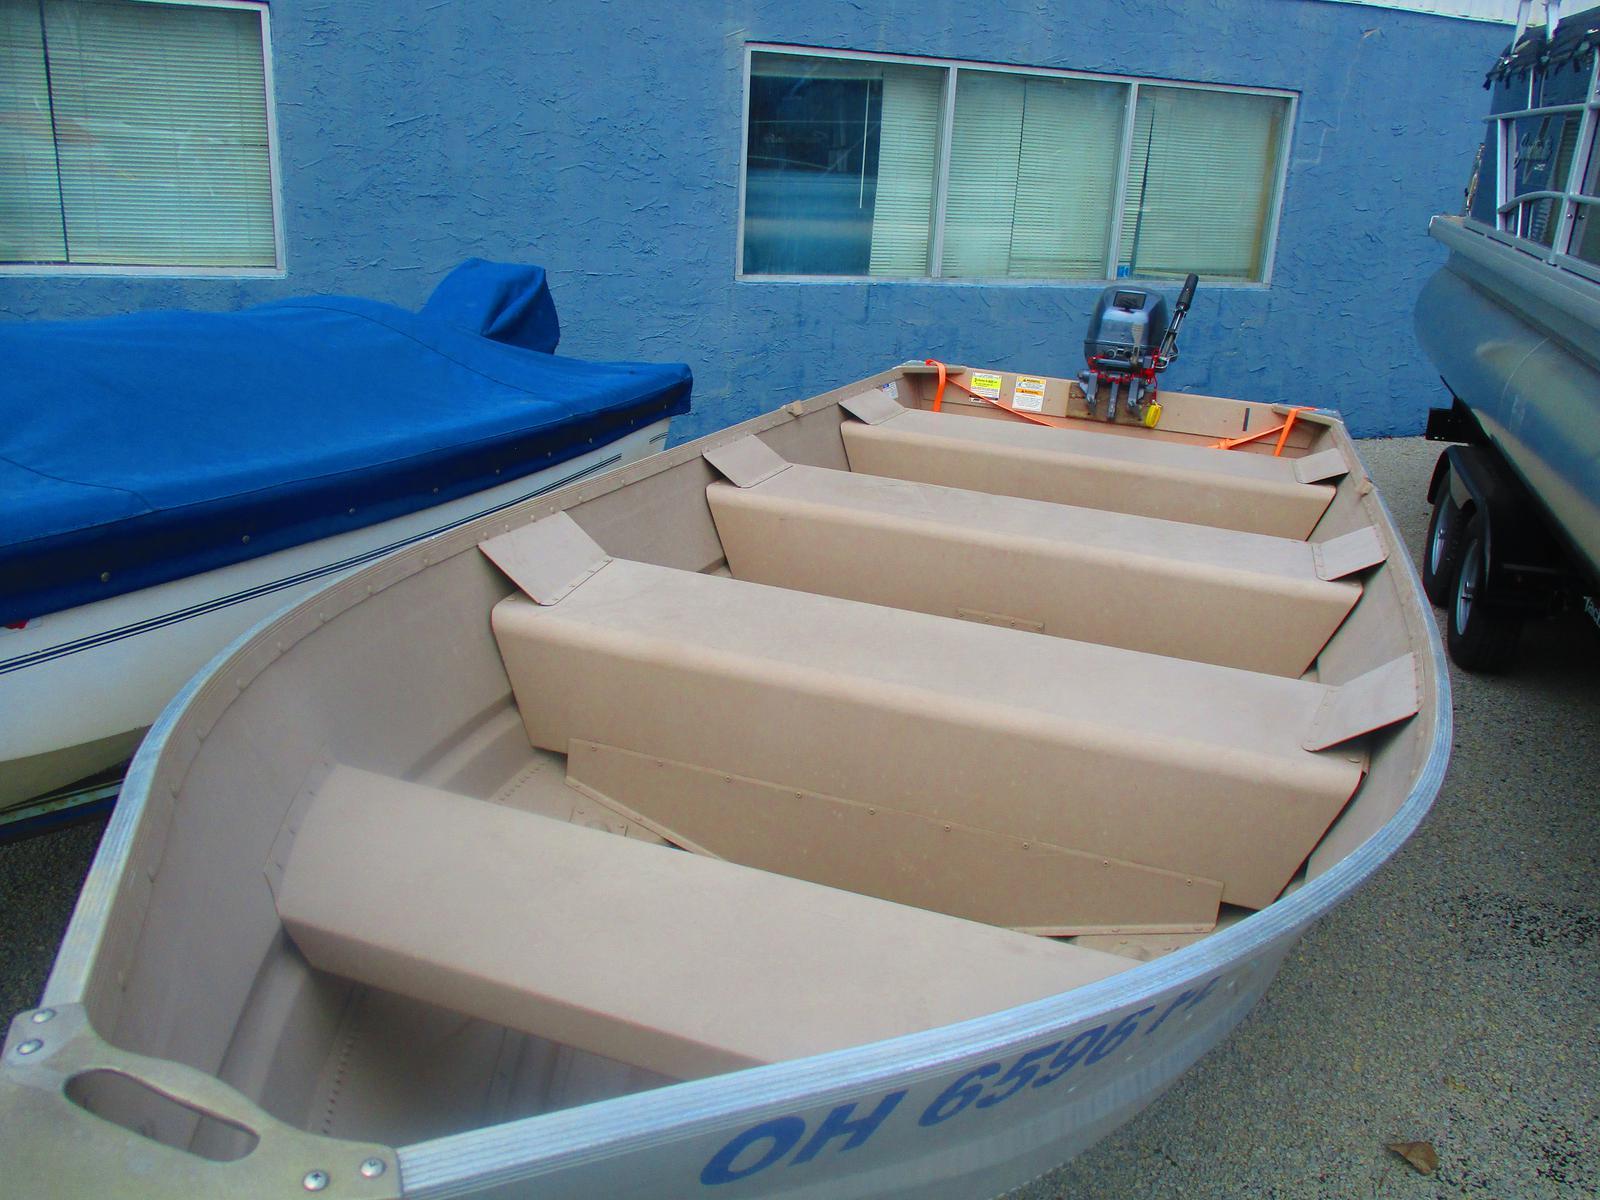 2014 Polar Kraft boat for sale, model of the boat is Dakota V 1260 & Image # 2 of 3